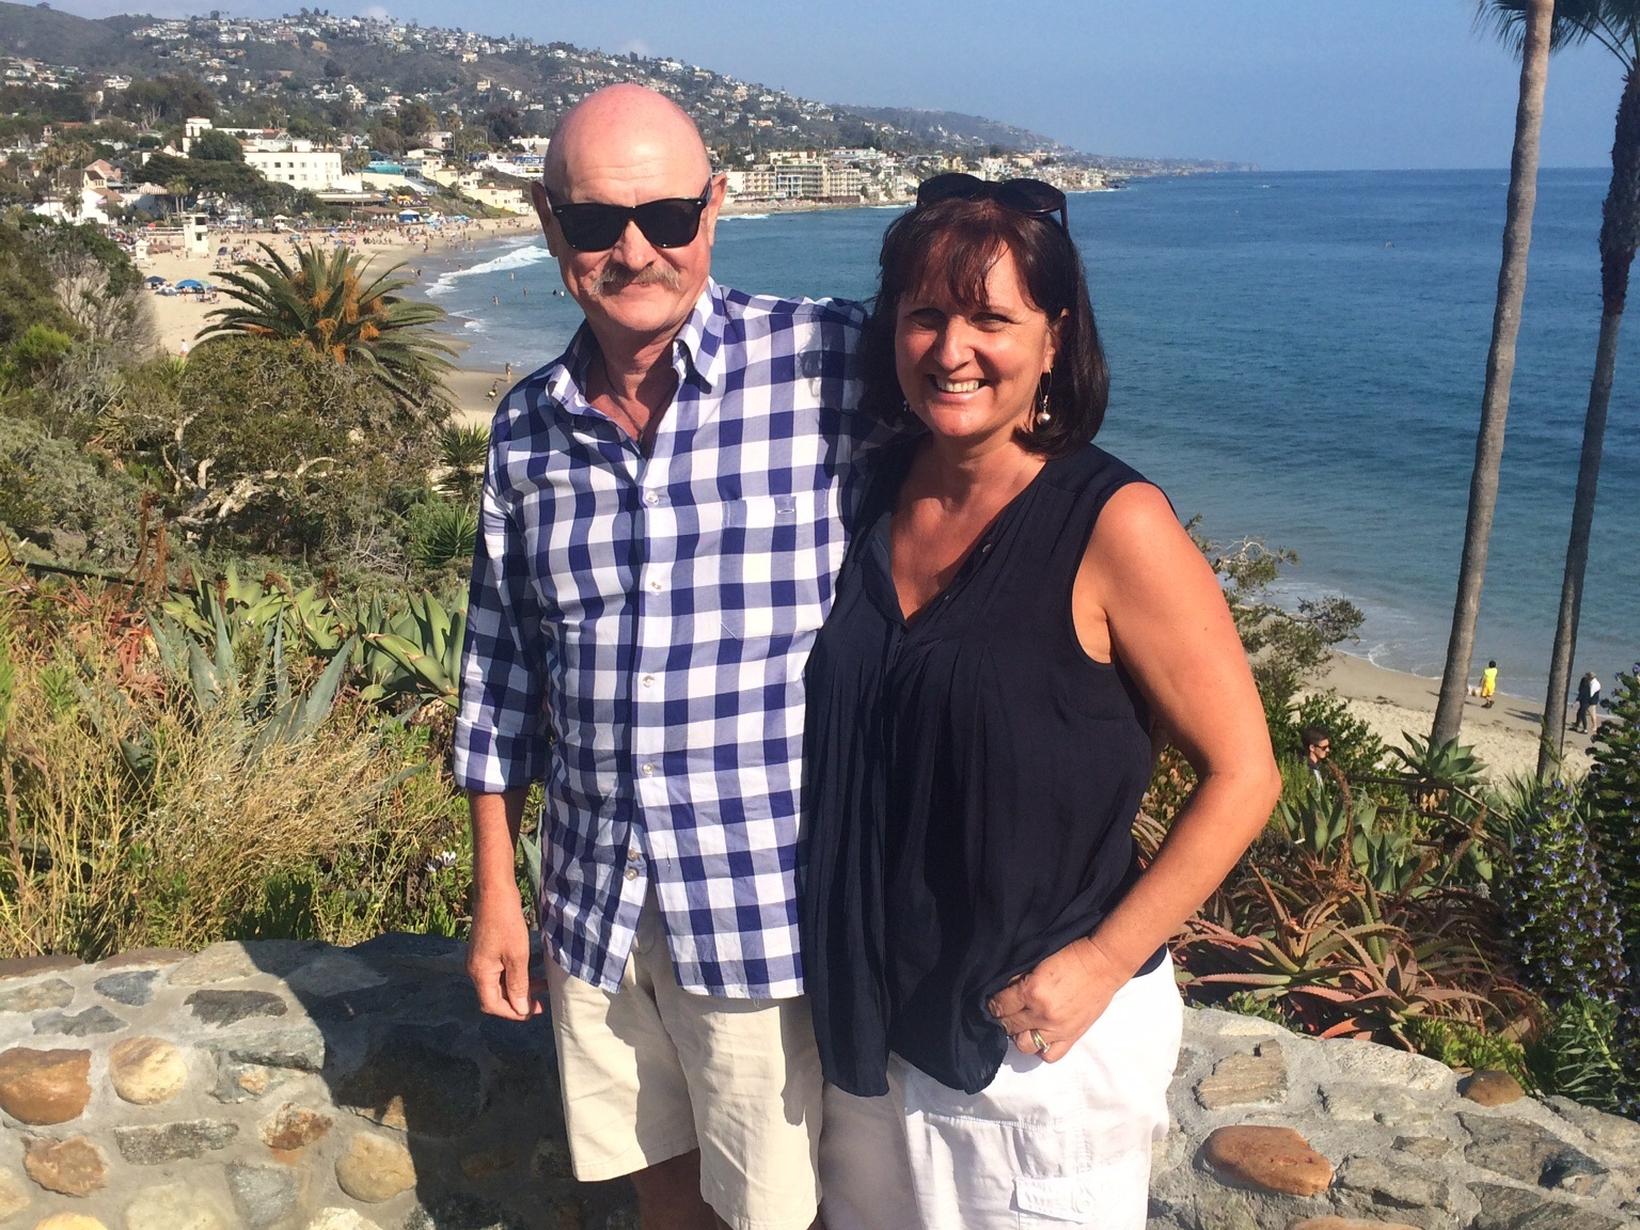 Jay & John from Dunedin, New Zealand